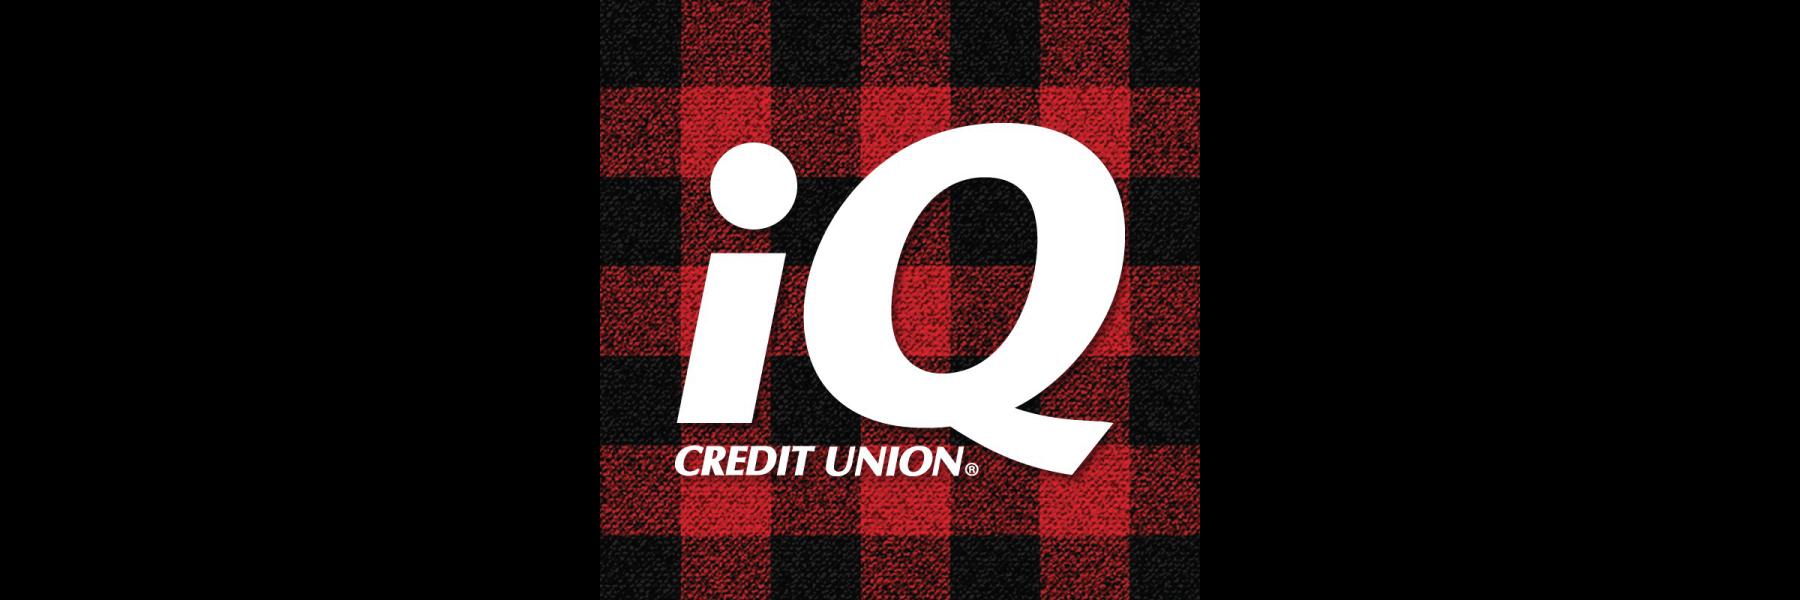 Hole Sponsors  - IQ Credit Union - Logo